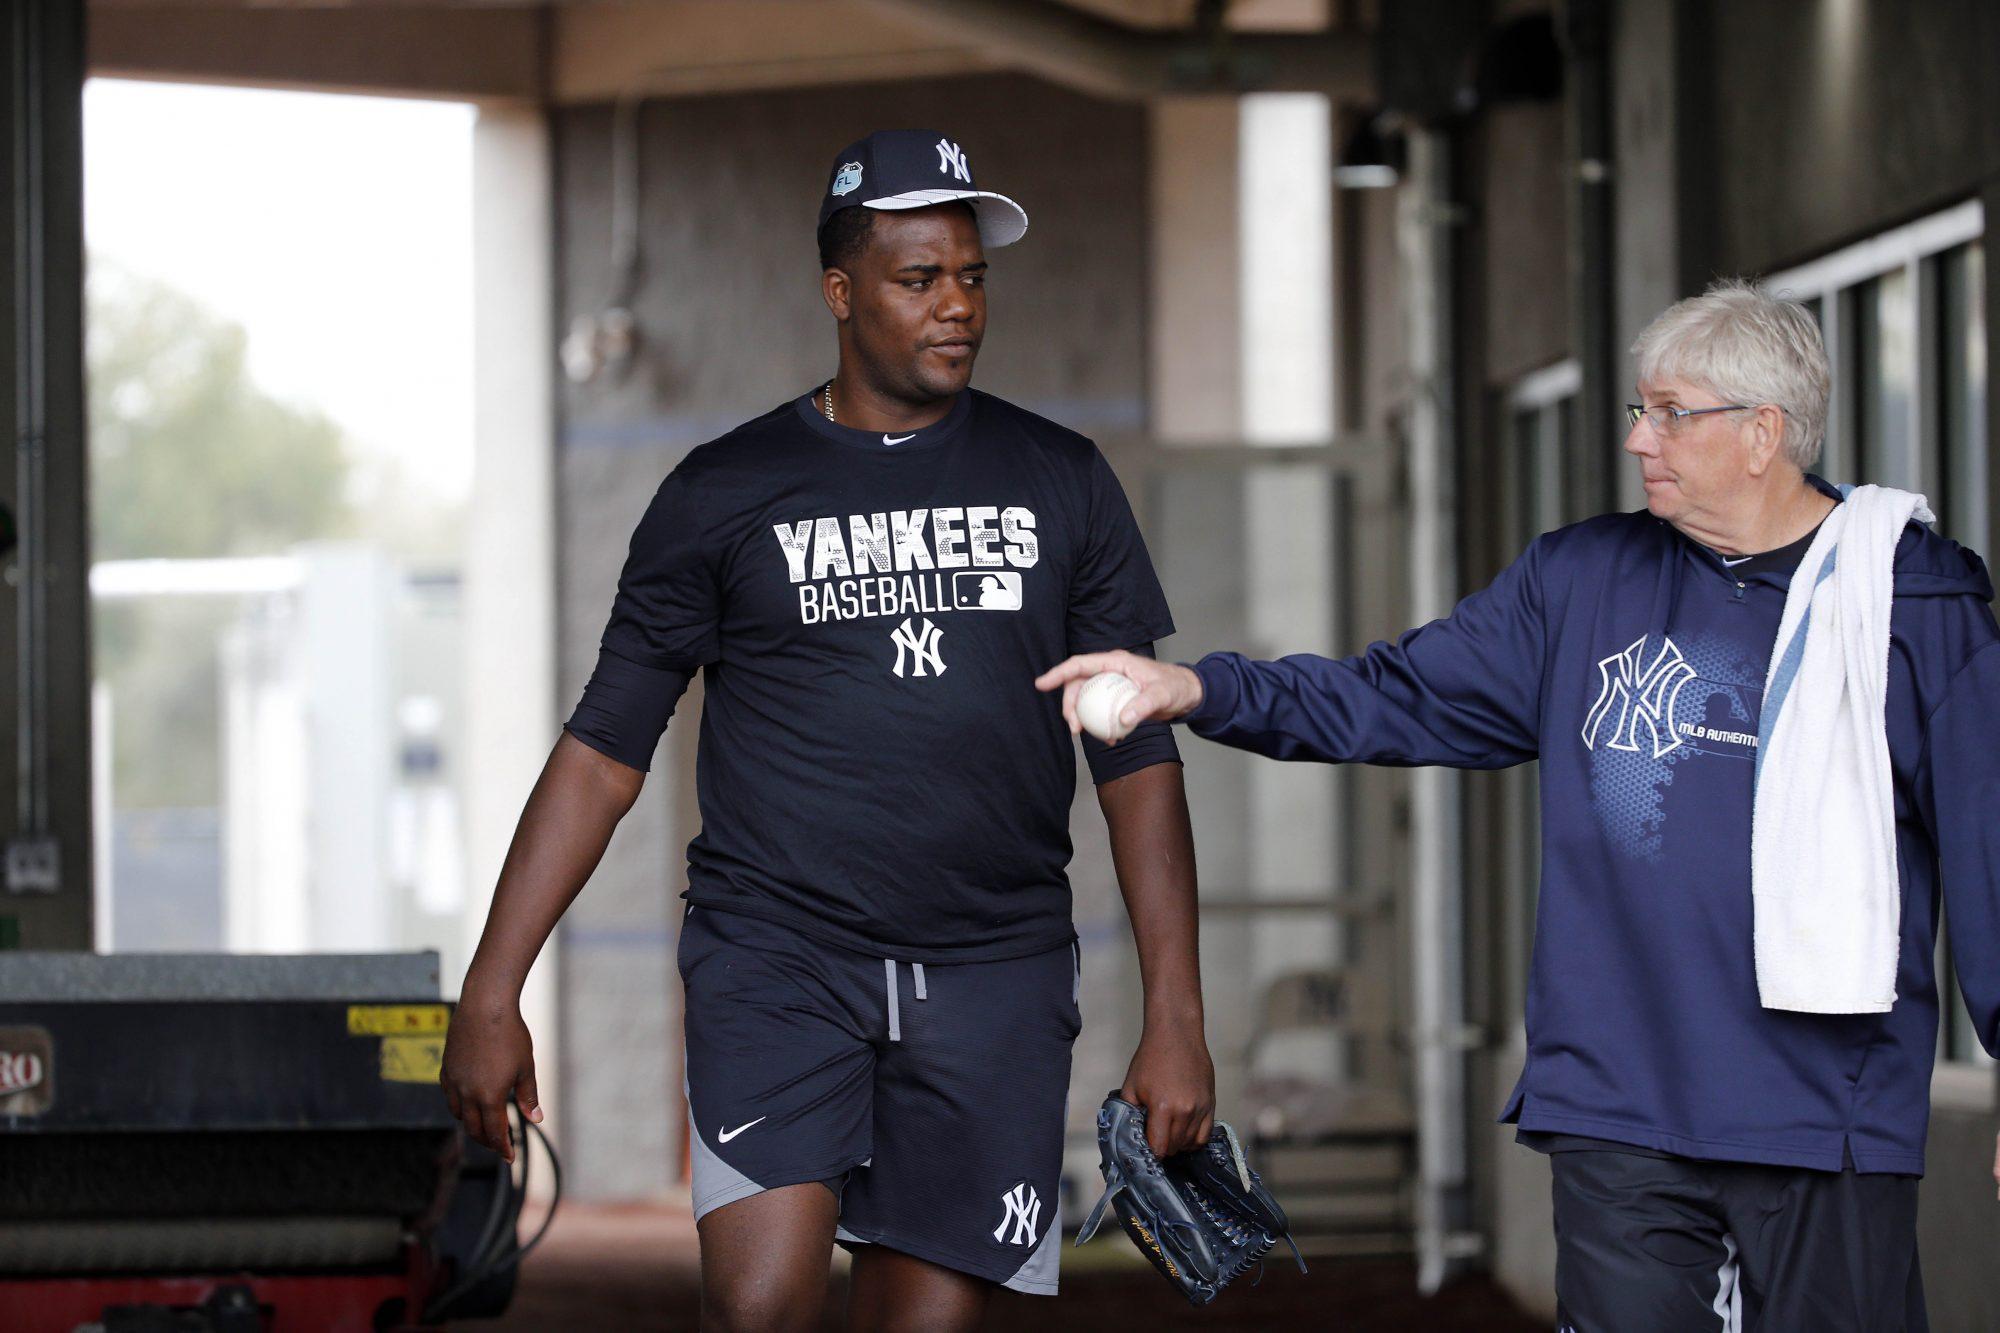 New York Yankees: Michael Pineda enters make-or-break season